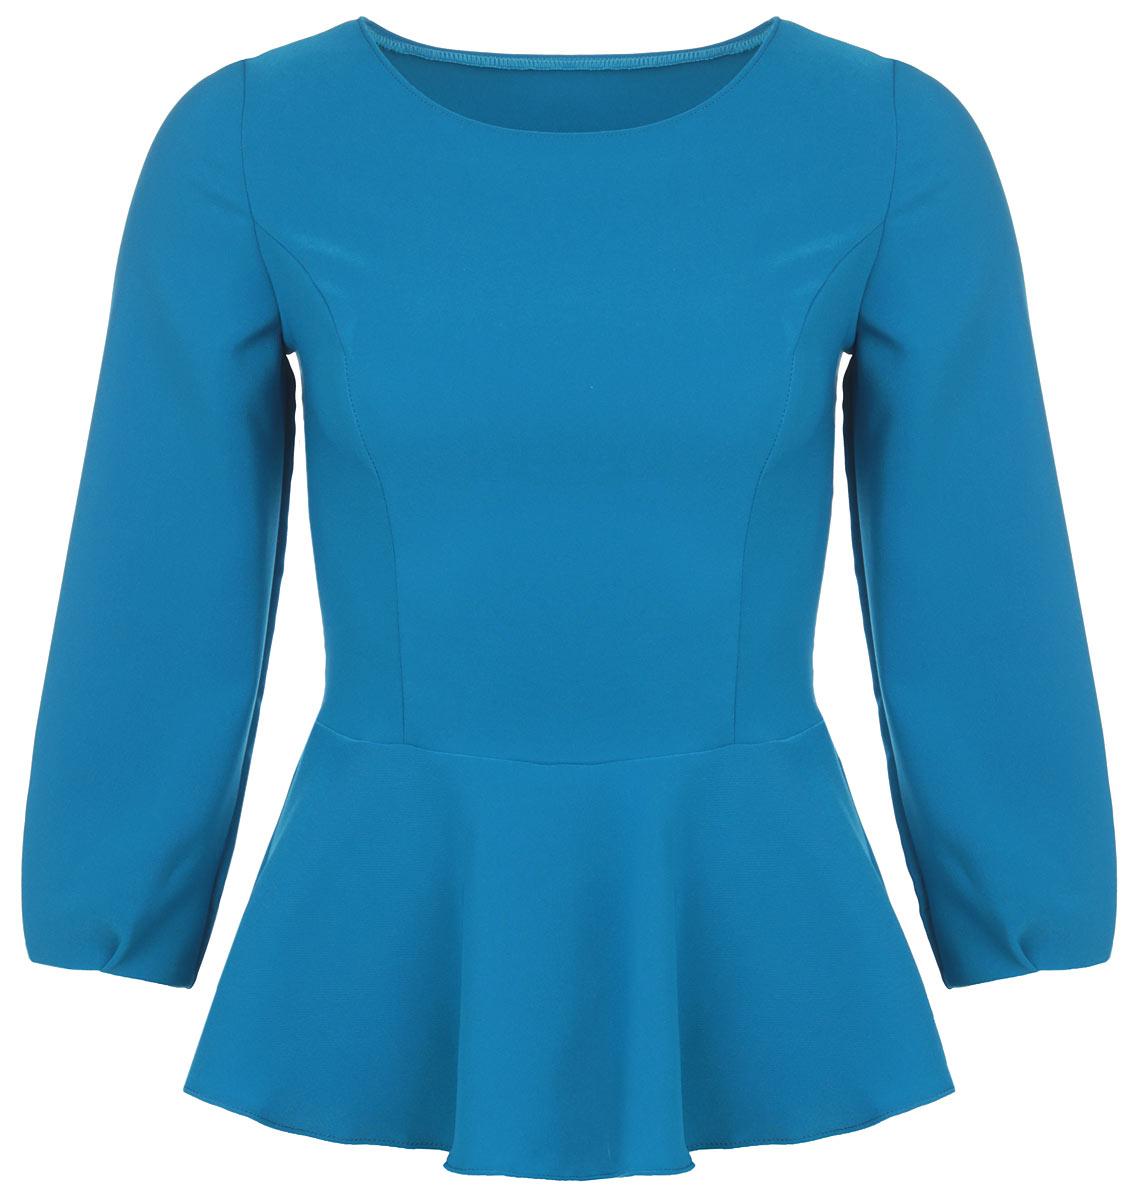 Блузка женская. 1830-6531830-653Изящная женская блузка Milana Style, выполненная из сочетания синтетического материала ПАН с добавлением вискозы и эластана, подчеркнет ваш уникальный стиль и поможет создать оригинальный женственный образ. Материал очень легкий, мягкий и приятный на ощупь, не сковывает движения и хорошо вентилируется. Блузка с длинными рукавами и круглым воротником оформлена баской и вытачками на лицевой стороне. Рукава присборены к линии кисти. Модная блузка займет достойное место в вашем гардеробе.